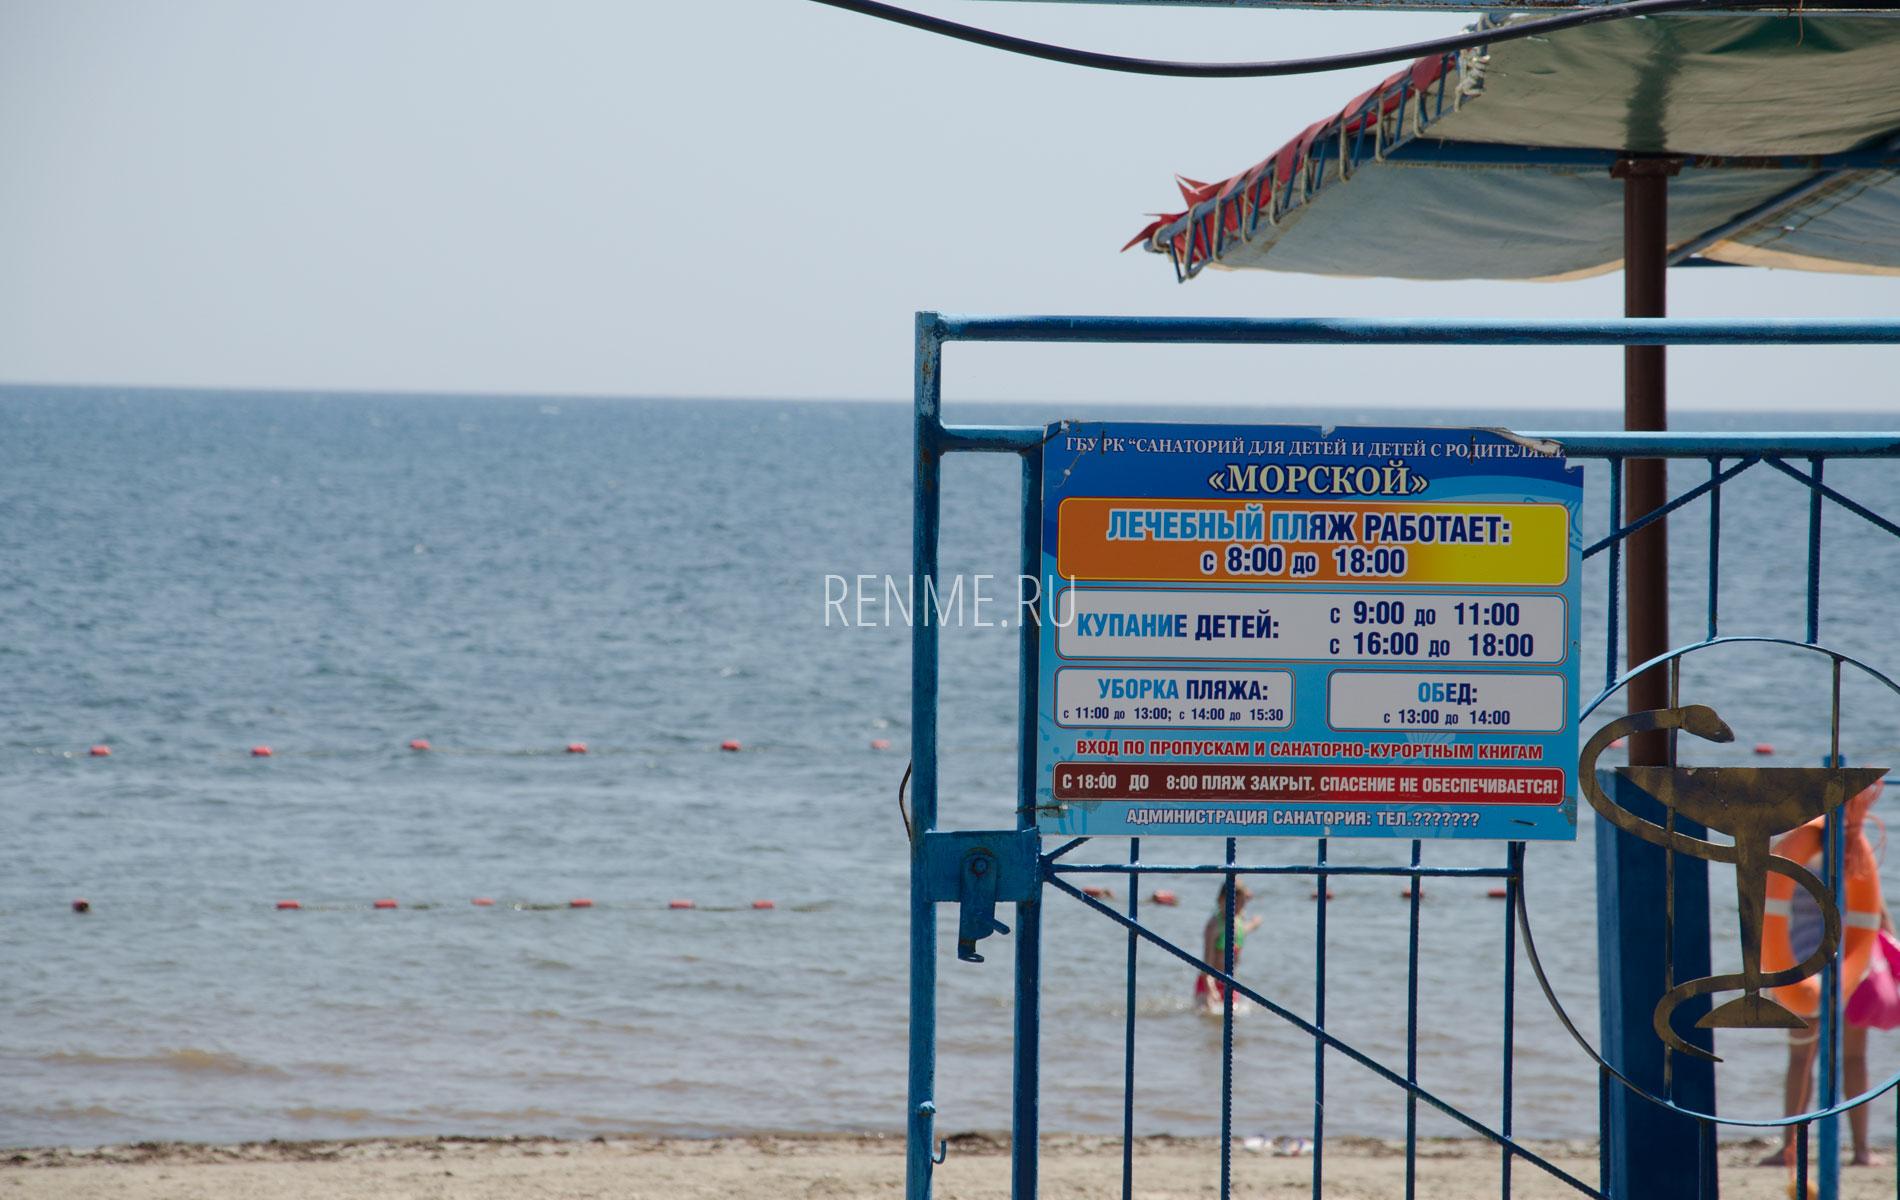 Пляж Морской. Фото Заозёрного